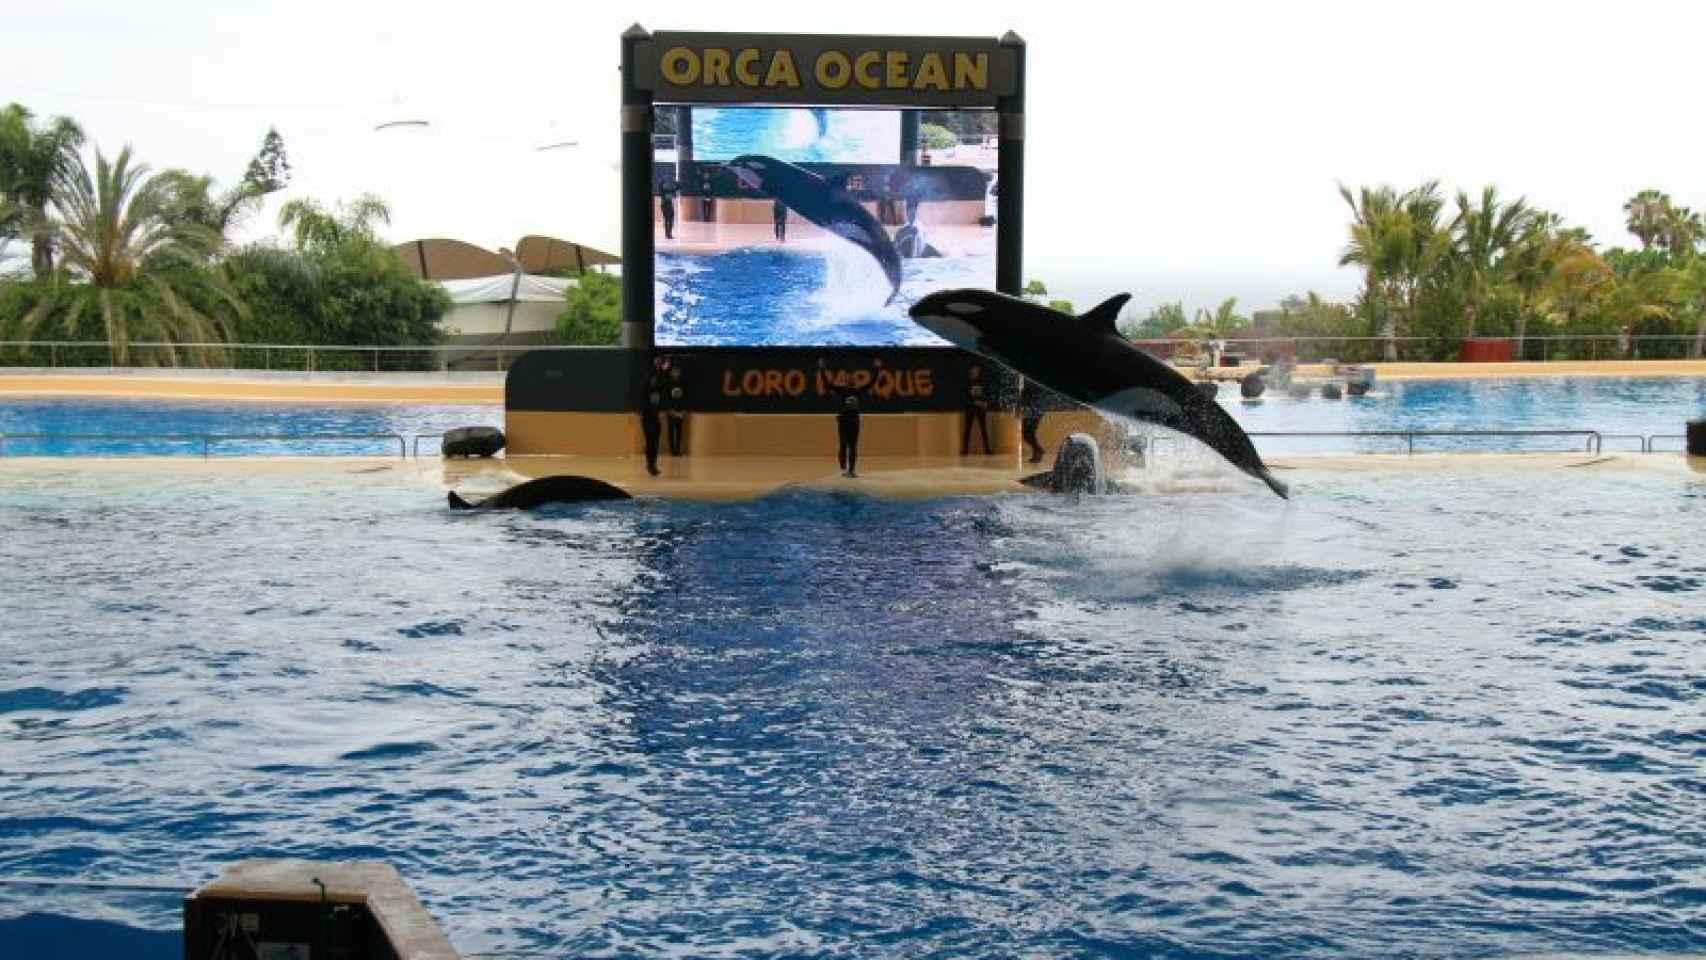 Un show en Orca Ocean.